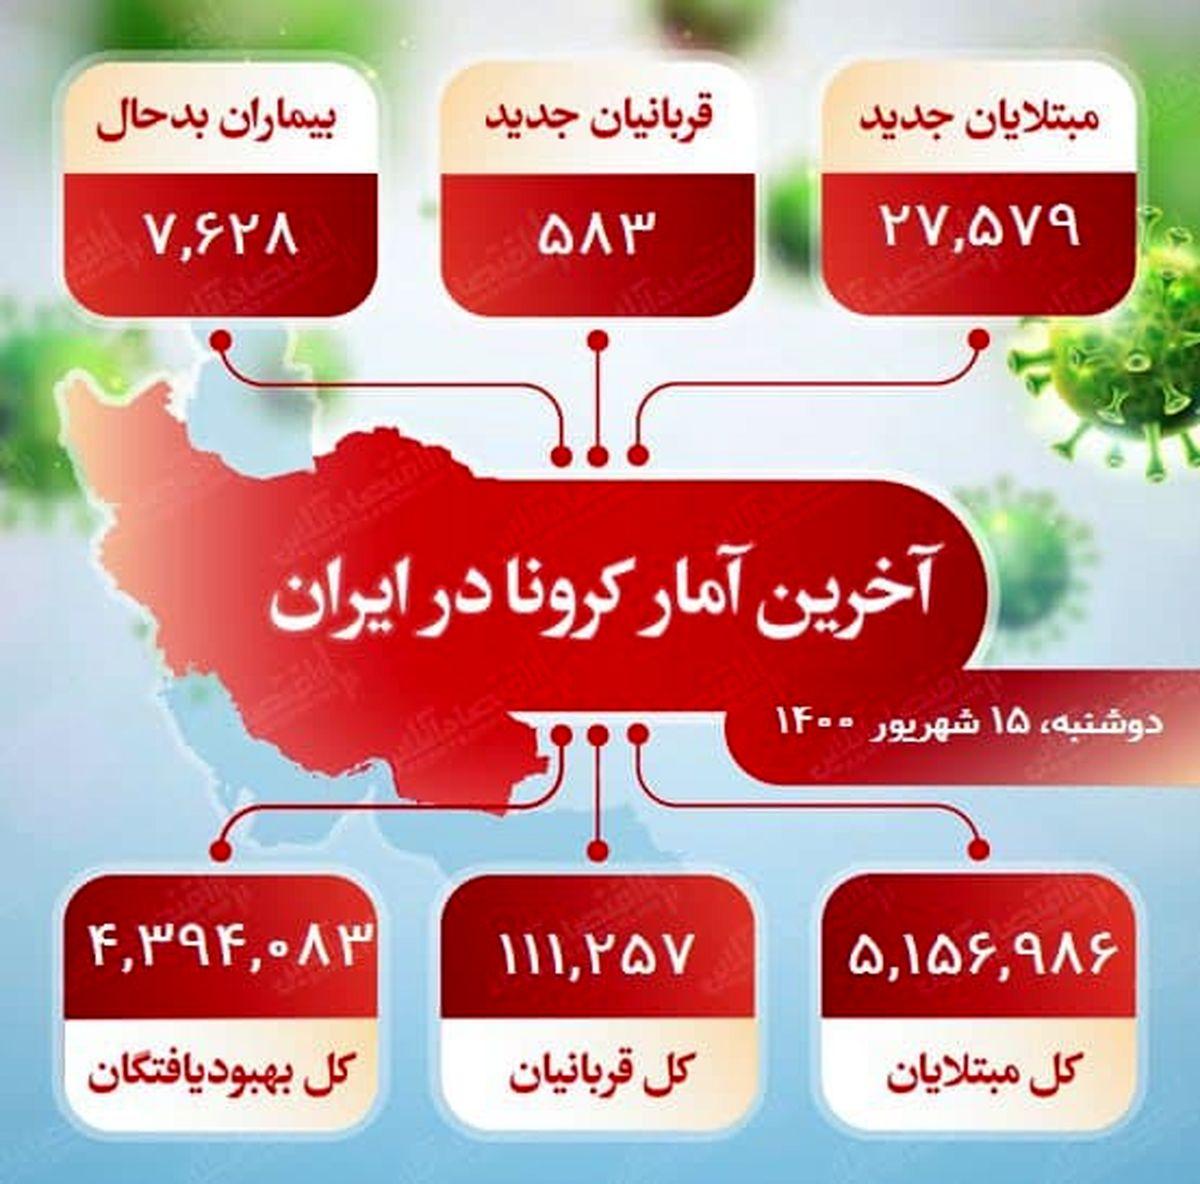 آخرین آمار کرونا در ایران (۱۴۰۰/۶/۱۵)